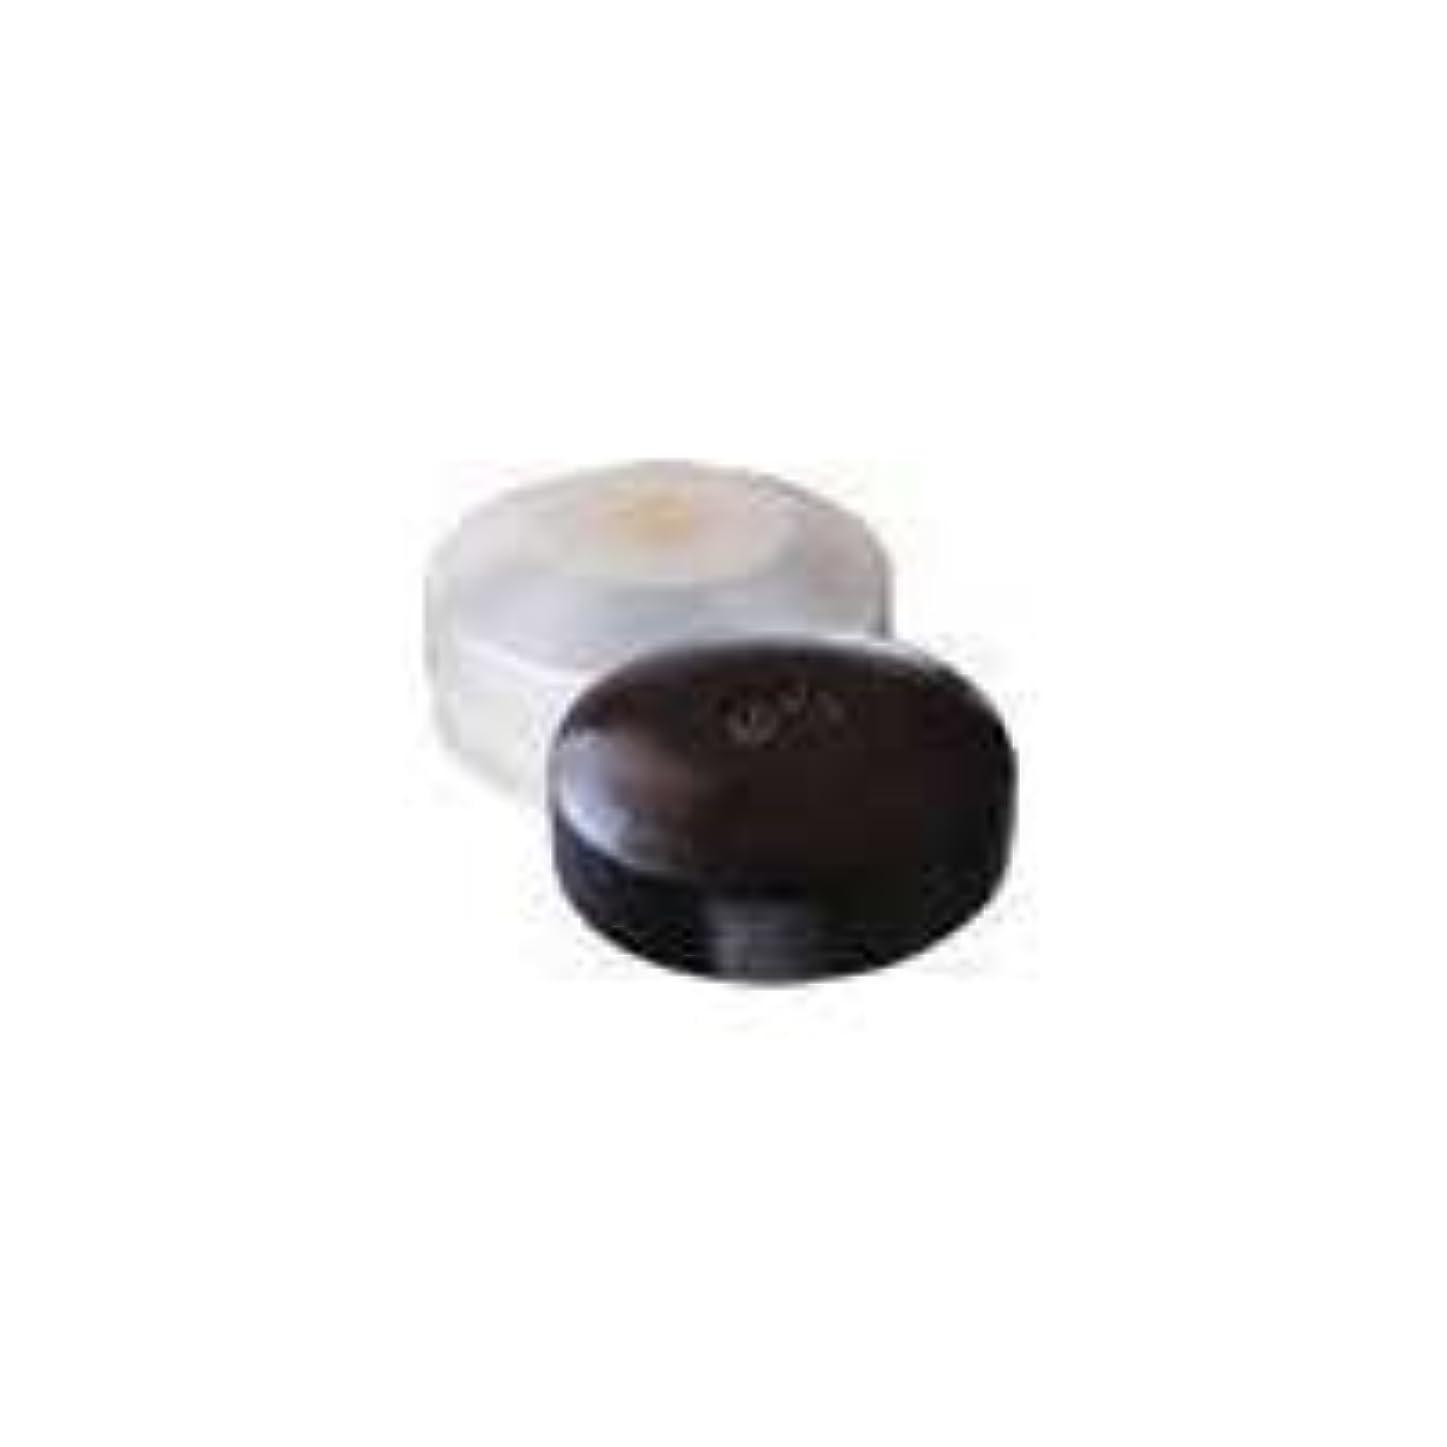 シュート震え凍るマミヤンアロエ基礎化粧品シリーズ アロエクセルソープ 120g(ケース有) まろやかな泡立ち透明石鹸